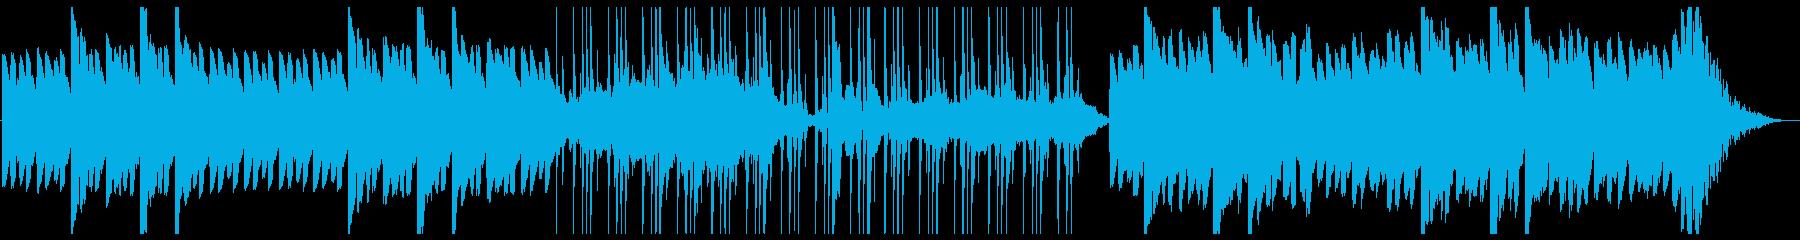 この抽象的なエレクトロニカアンダー...の再生済みの波形